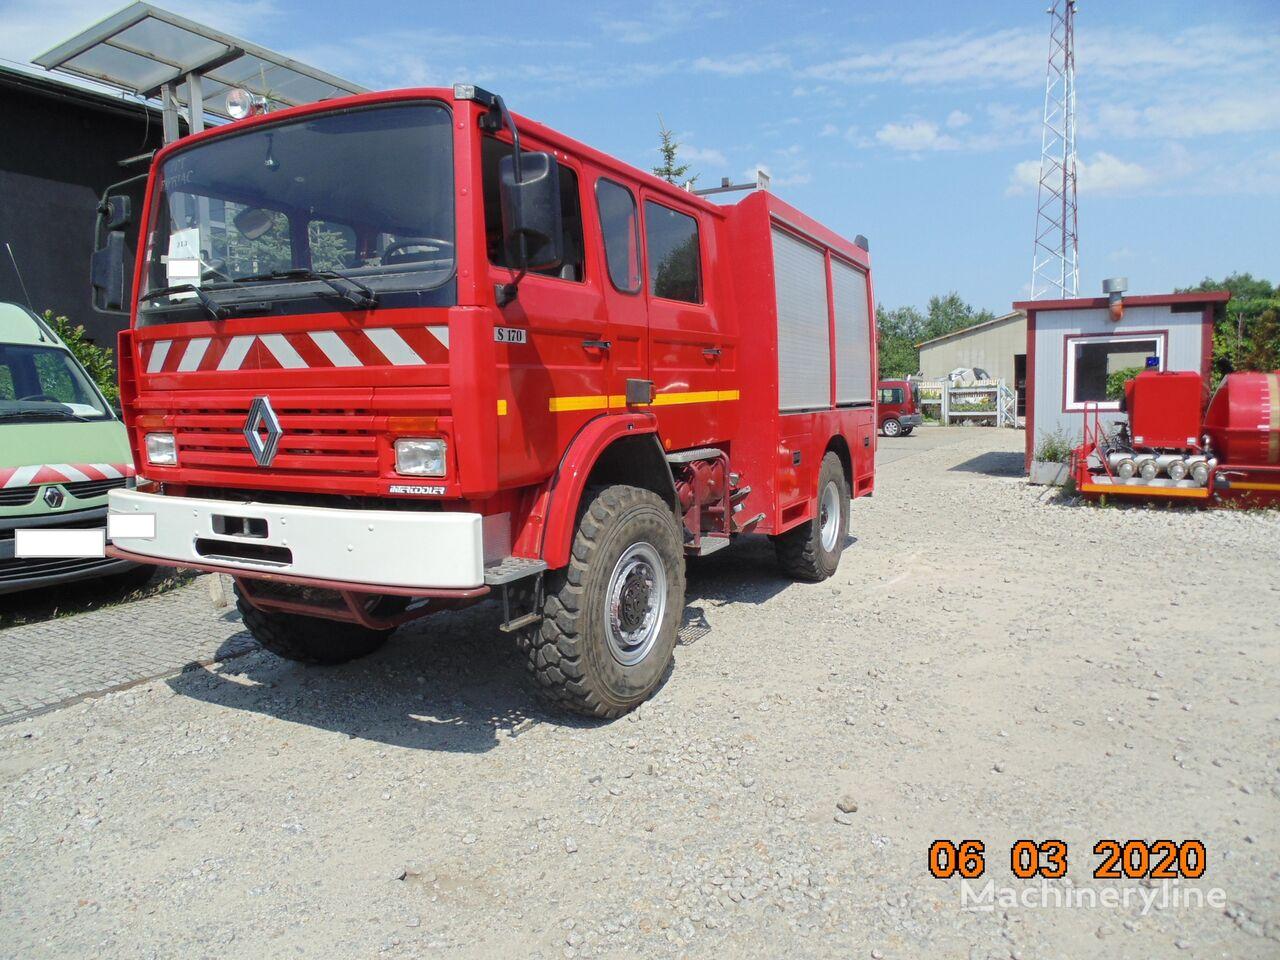 samochod pożarniczy RENAULT Midliner M170, 4x4, 7 miejsc